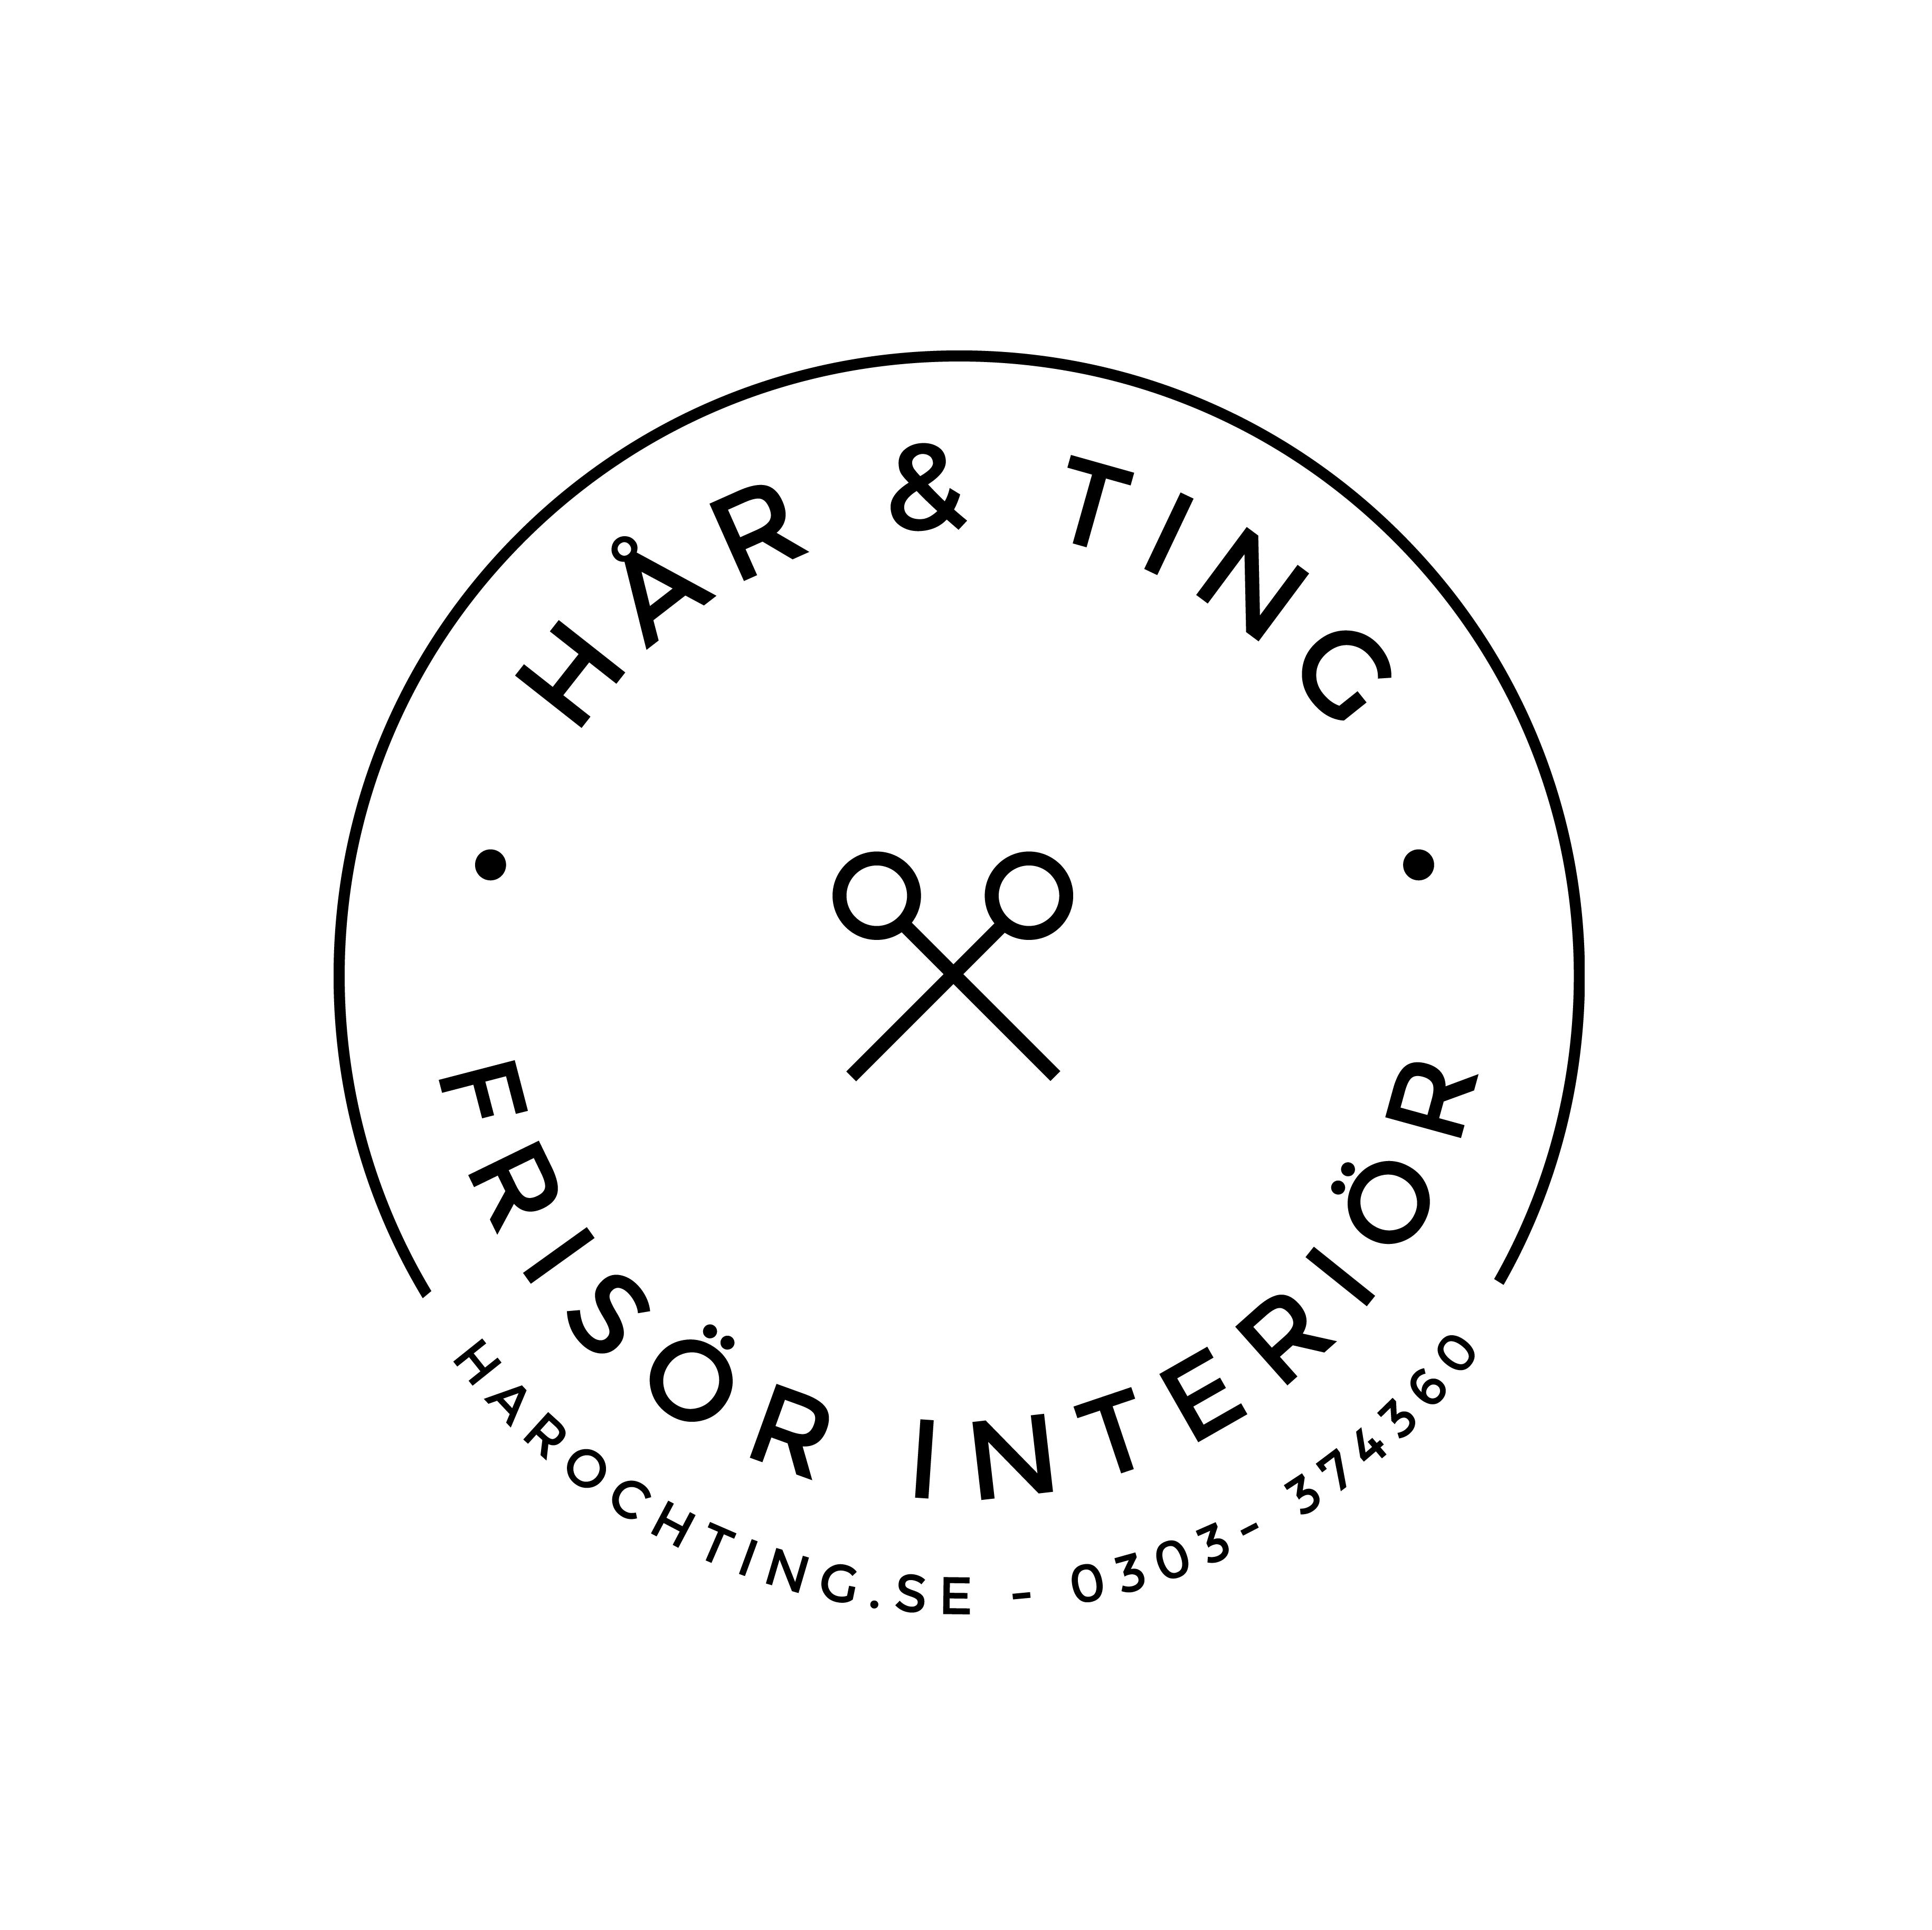 Hår & Ting